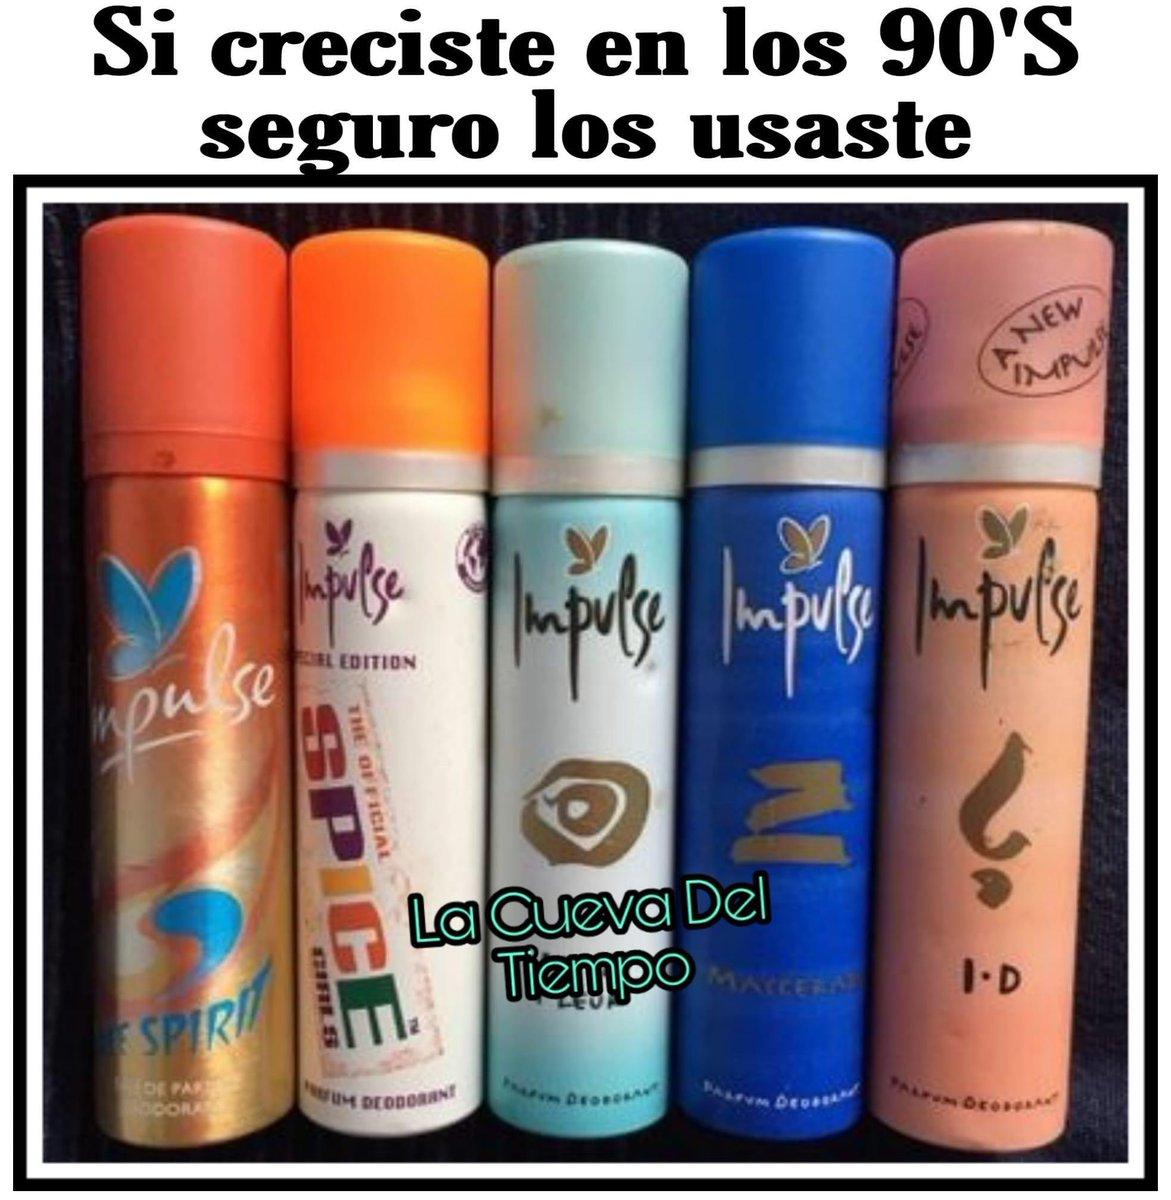 Necesito que @UnileverPrensa vuelva a sacar el impulse de las #spicegirls para los 25 años de #wannabe 😀 lo amaba! Puedo recordarlo con solo ver la imagen! https://t.co/tdEATUFiSW